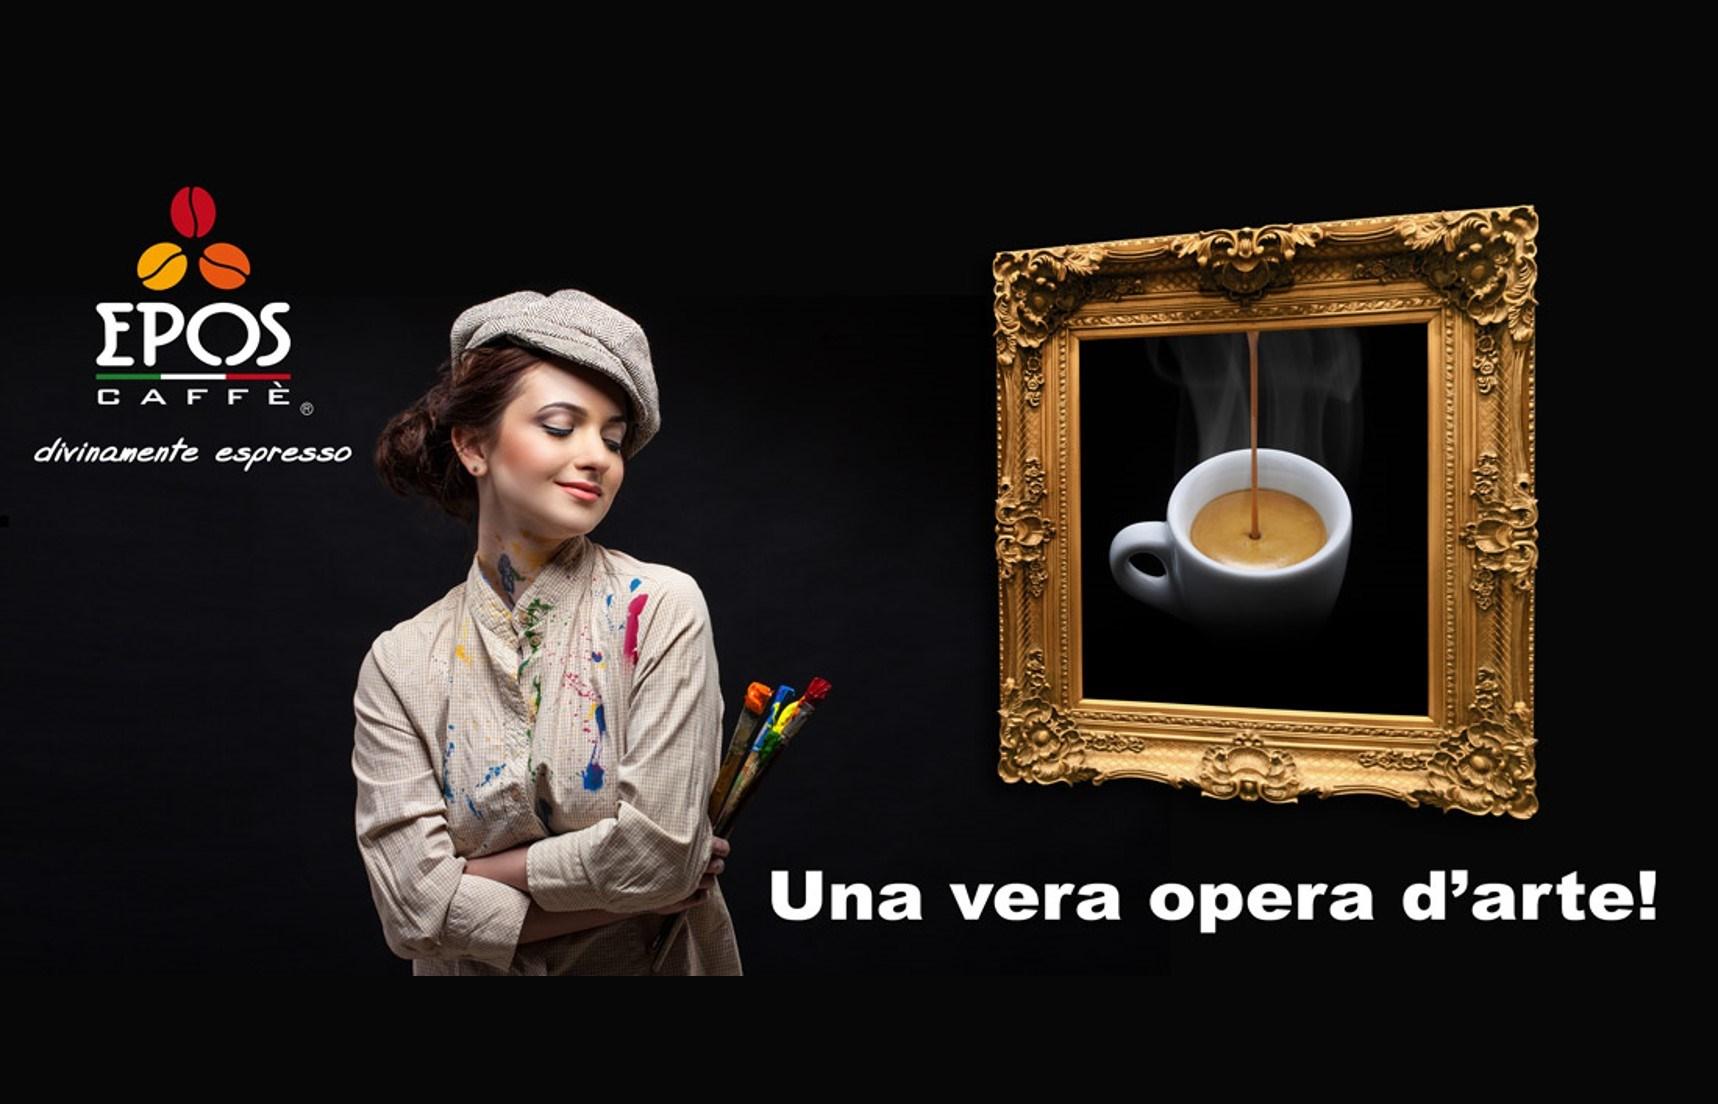 34,9€ από 79,8€ για 1 συσκευασία με 150 E.S.E. Ταμπλέτες Espresso Epos Caffe ZEUS (100% Arabica), για πραγματικά καλό Εspresso!